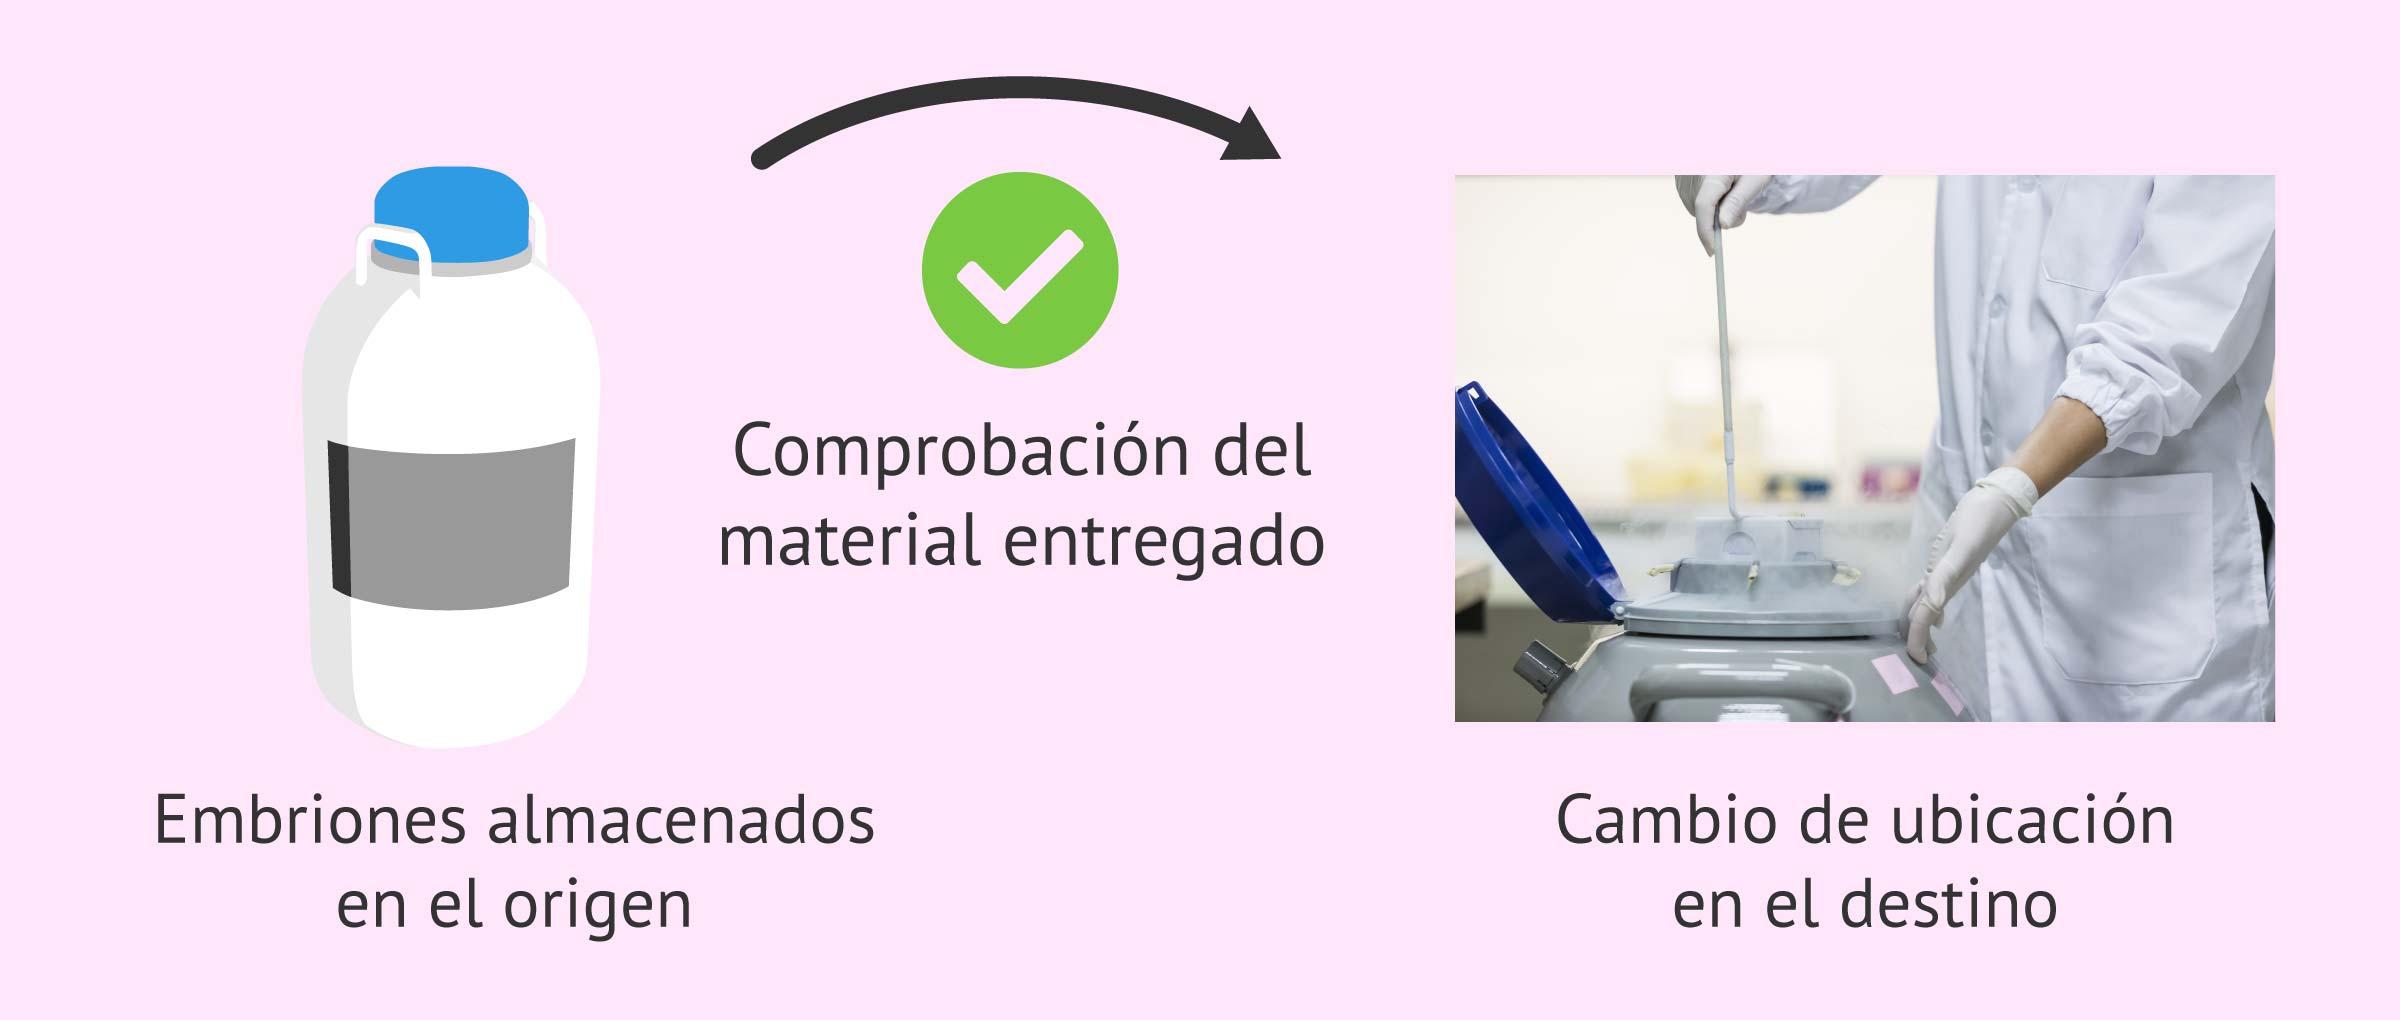 Comprobación de los embriones recibidos en el centro de destino